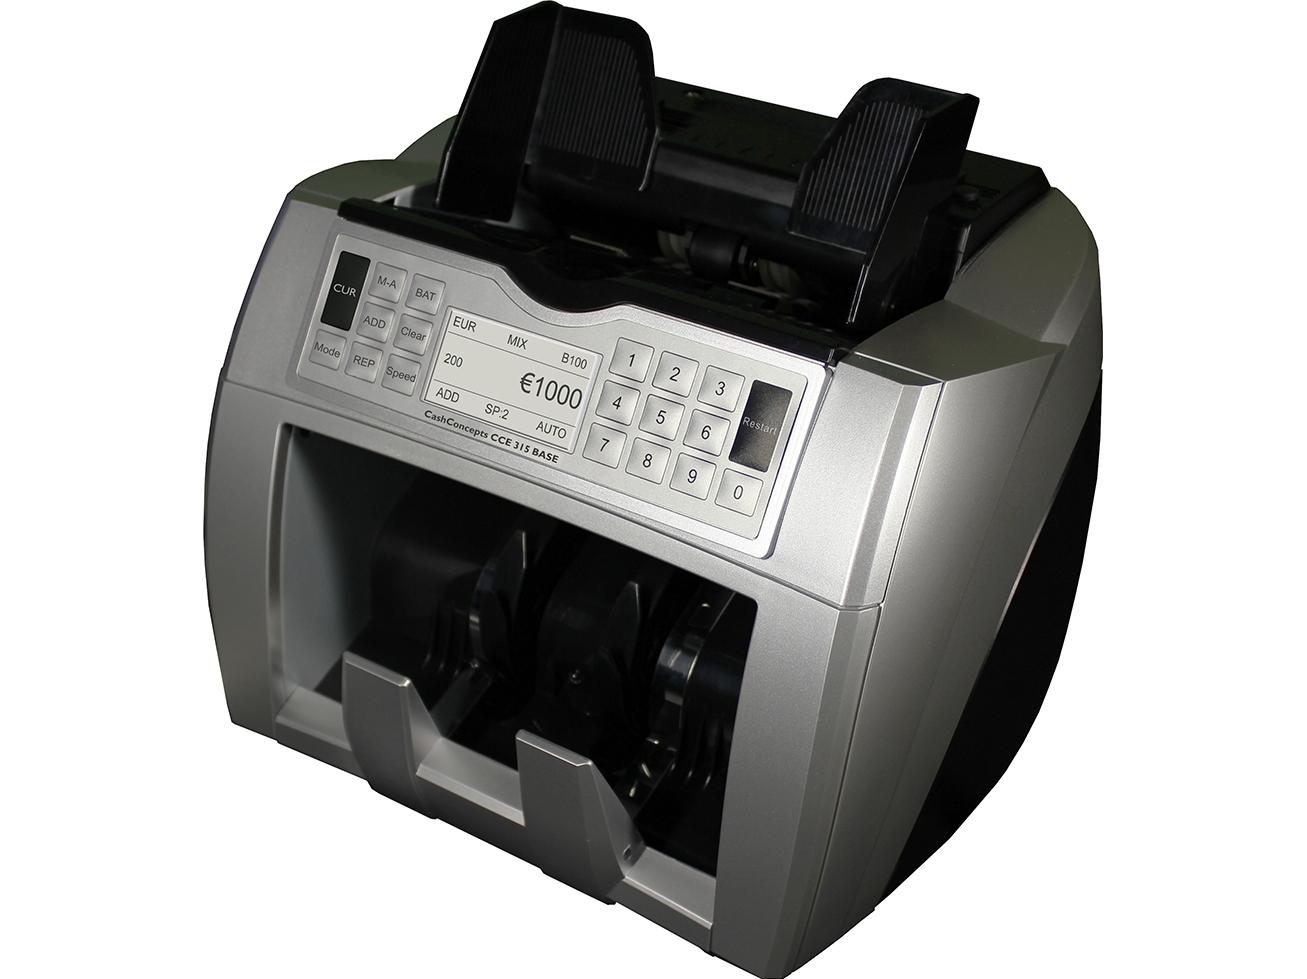 Banknotų tikrinimo ir skaičiavimo aparatas CCE 315 Base